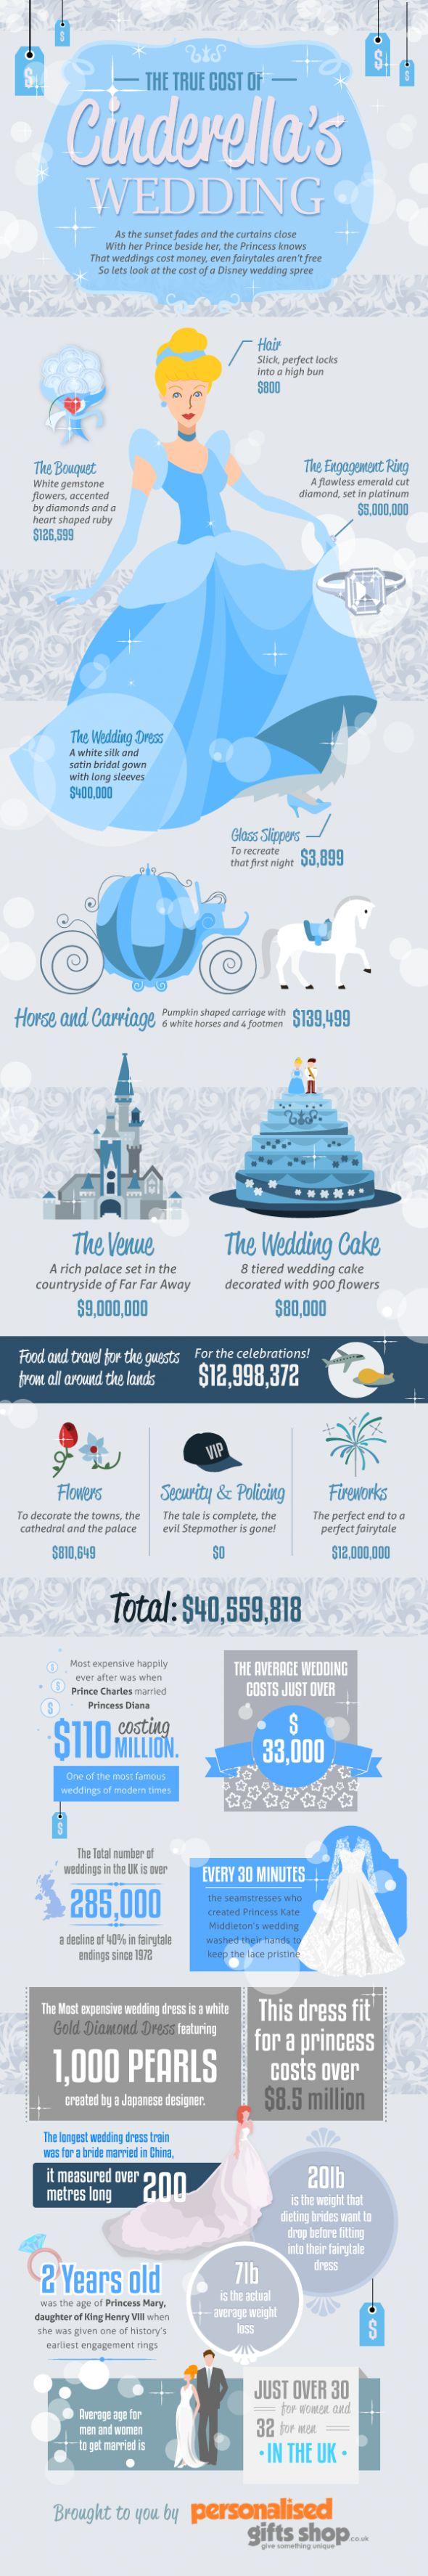 Leuke infographic: 'The Cost Of A True Cinderella Wedding' en andere leuke feitjes over beroemde bruiloften.